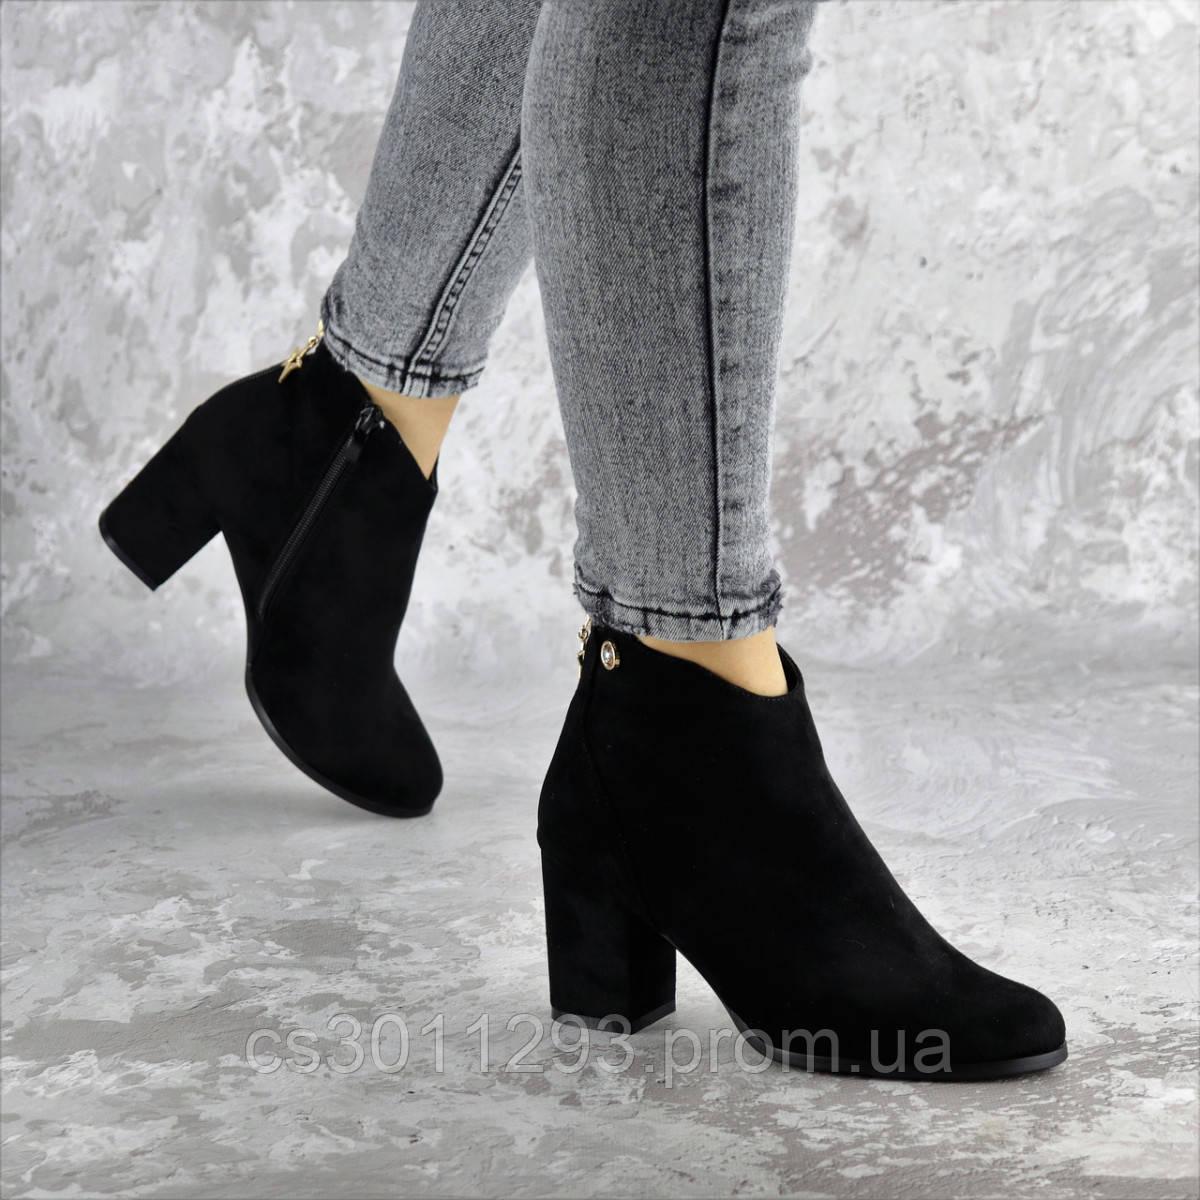 Ботильоны женские Fashion Guinness 2364 36 размер 23,5 см Черный